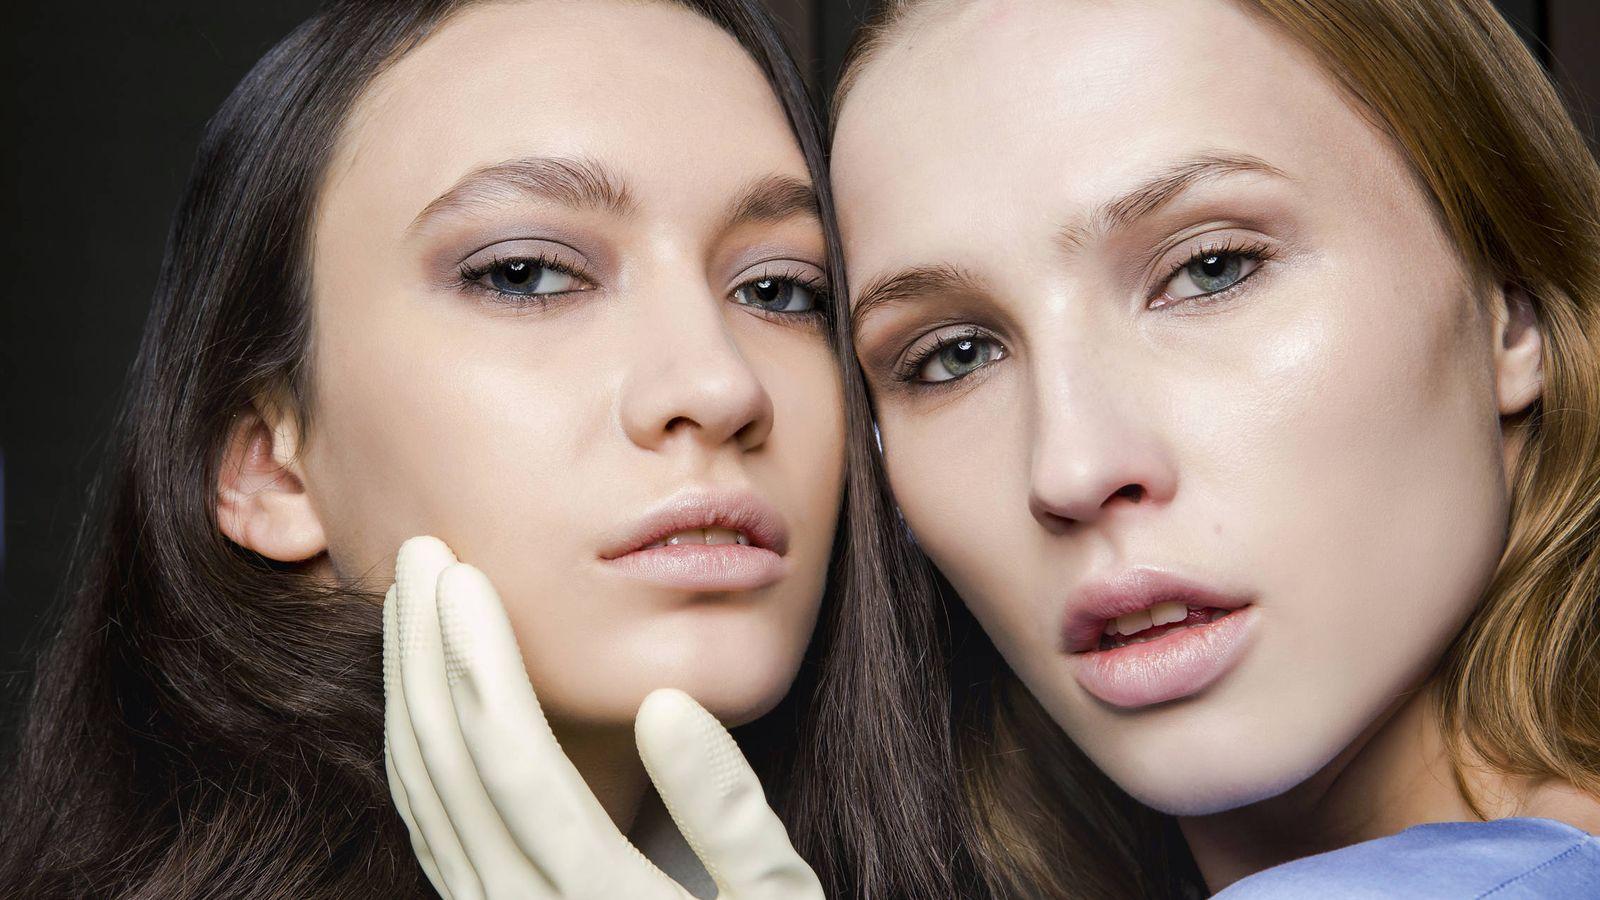 Foto: Los peelings, además de cuidar tu piel, previenen futuros problemas. (Imaxtree)